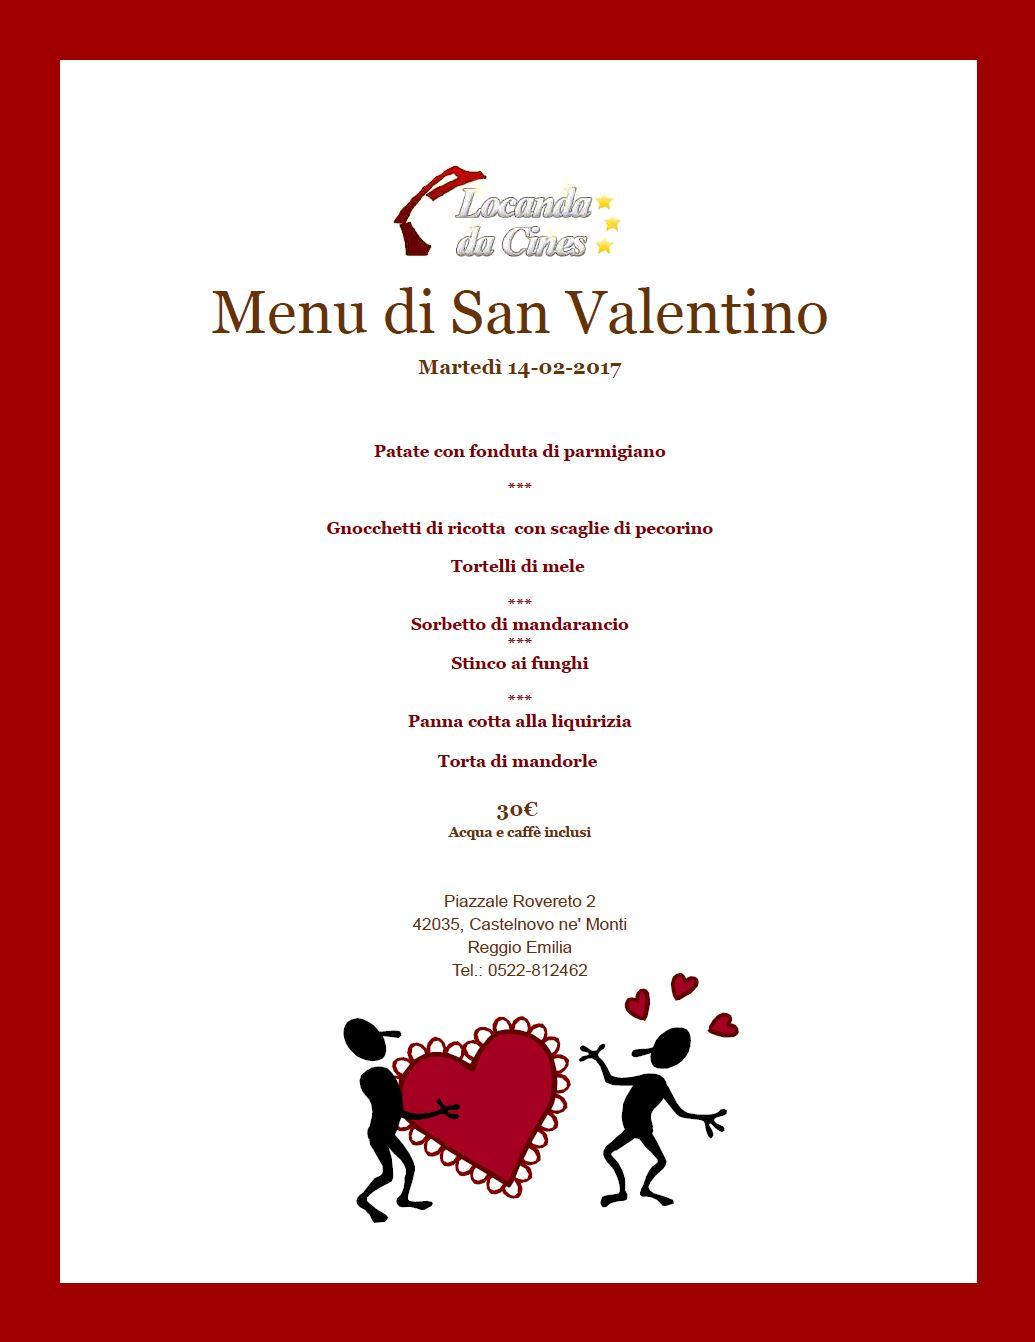 Menù di San Valentino a Castelnovo ne Monti 2017